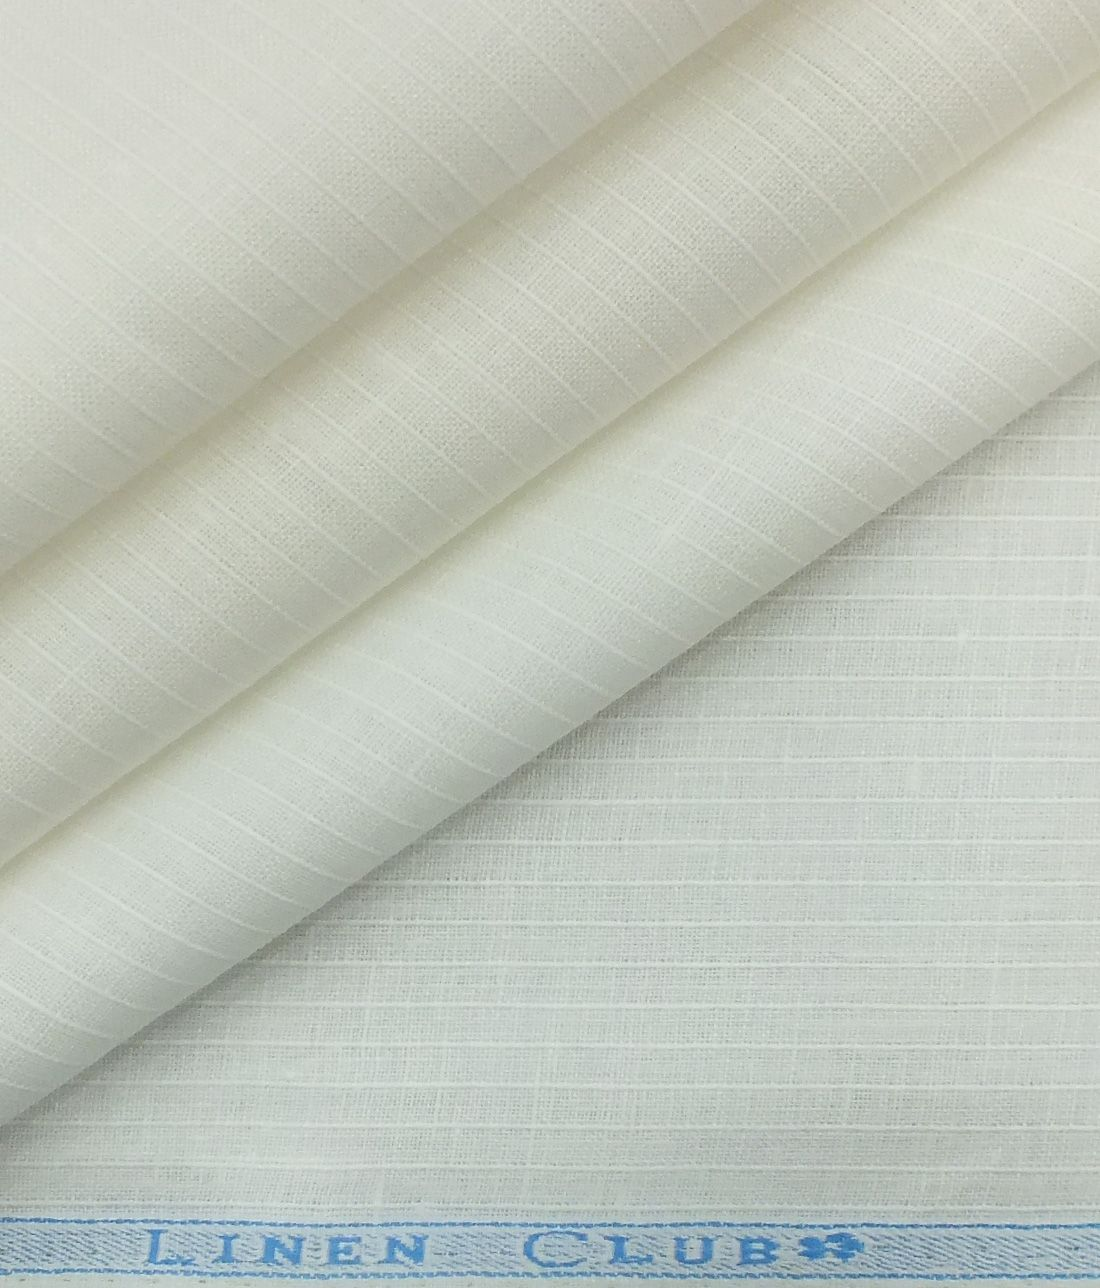 Linen Club White 100 Pure Linen 60 Lea Self Stripes Shirt Fabric 1 60 M Pure Linen Linen Fabric